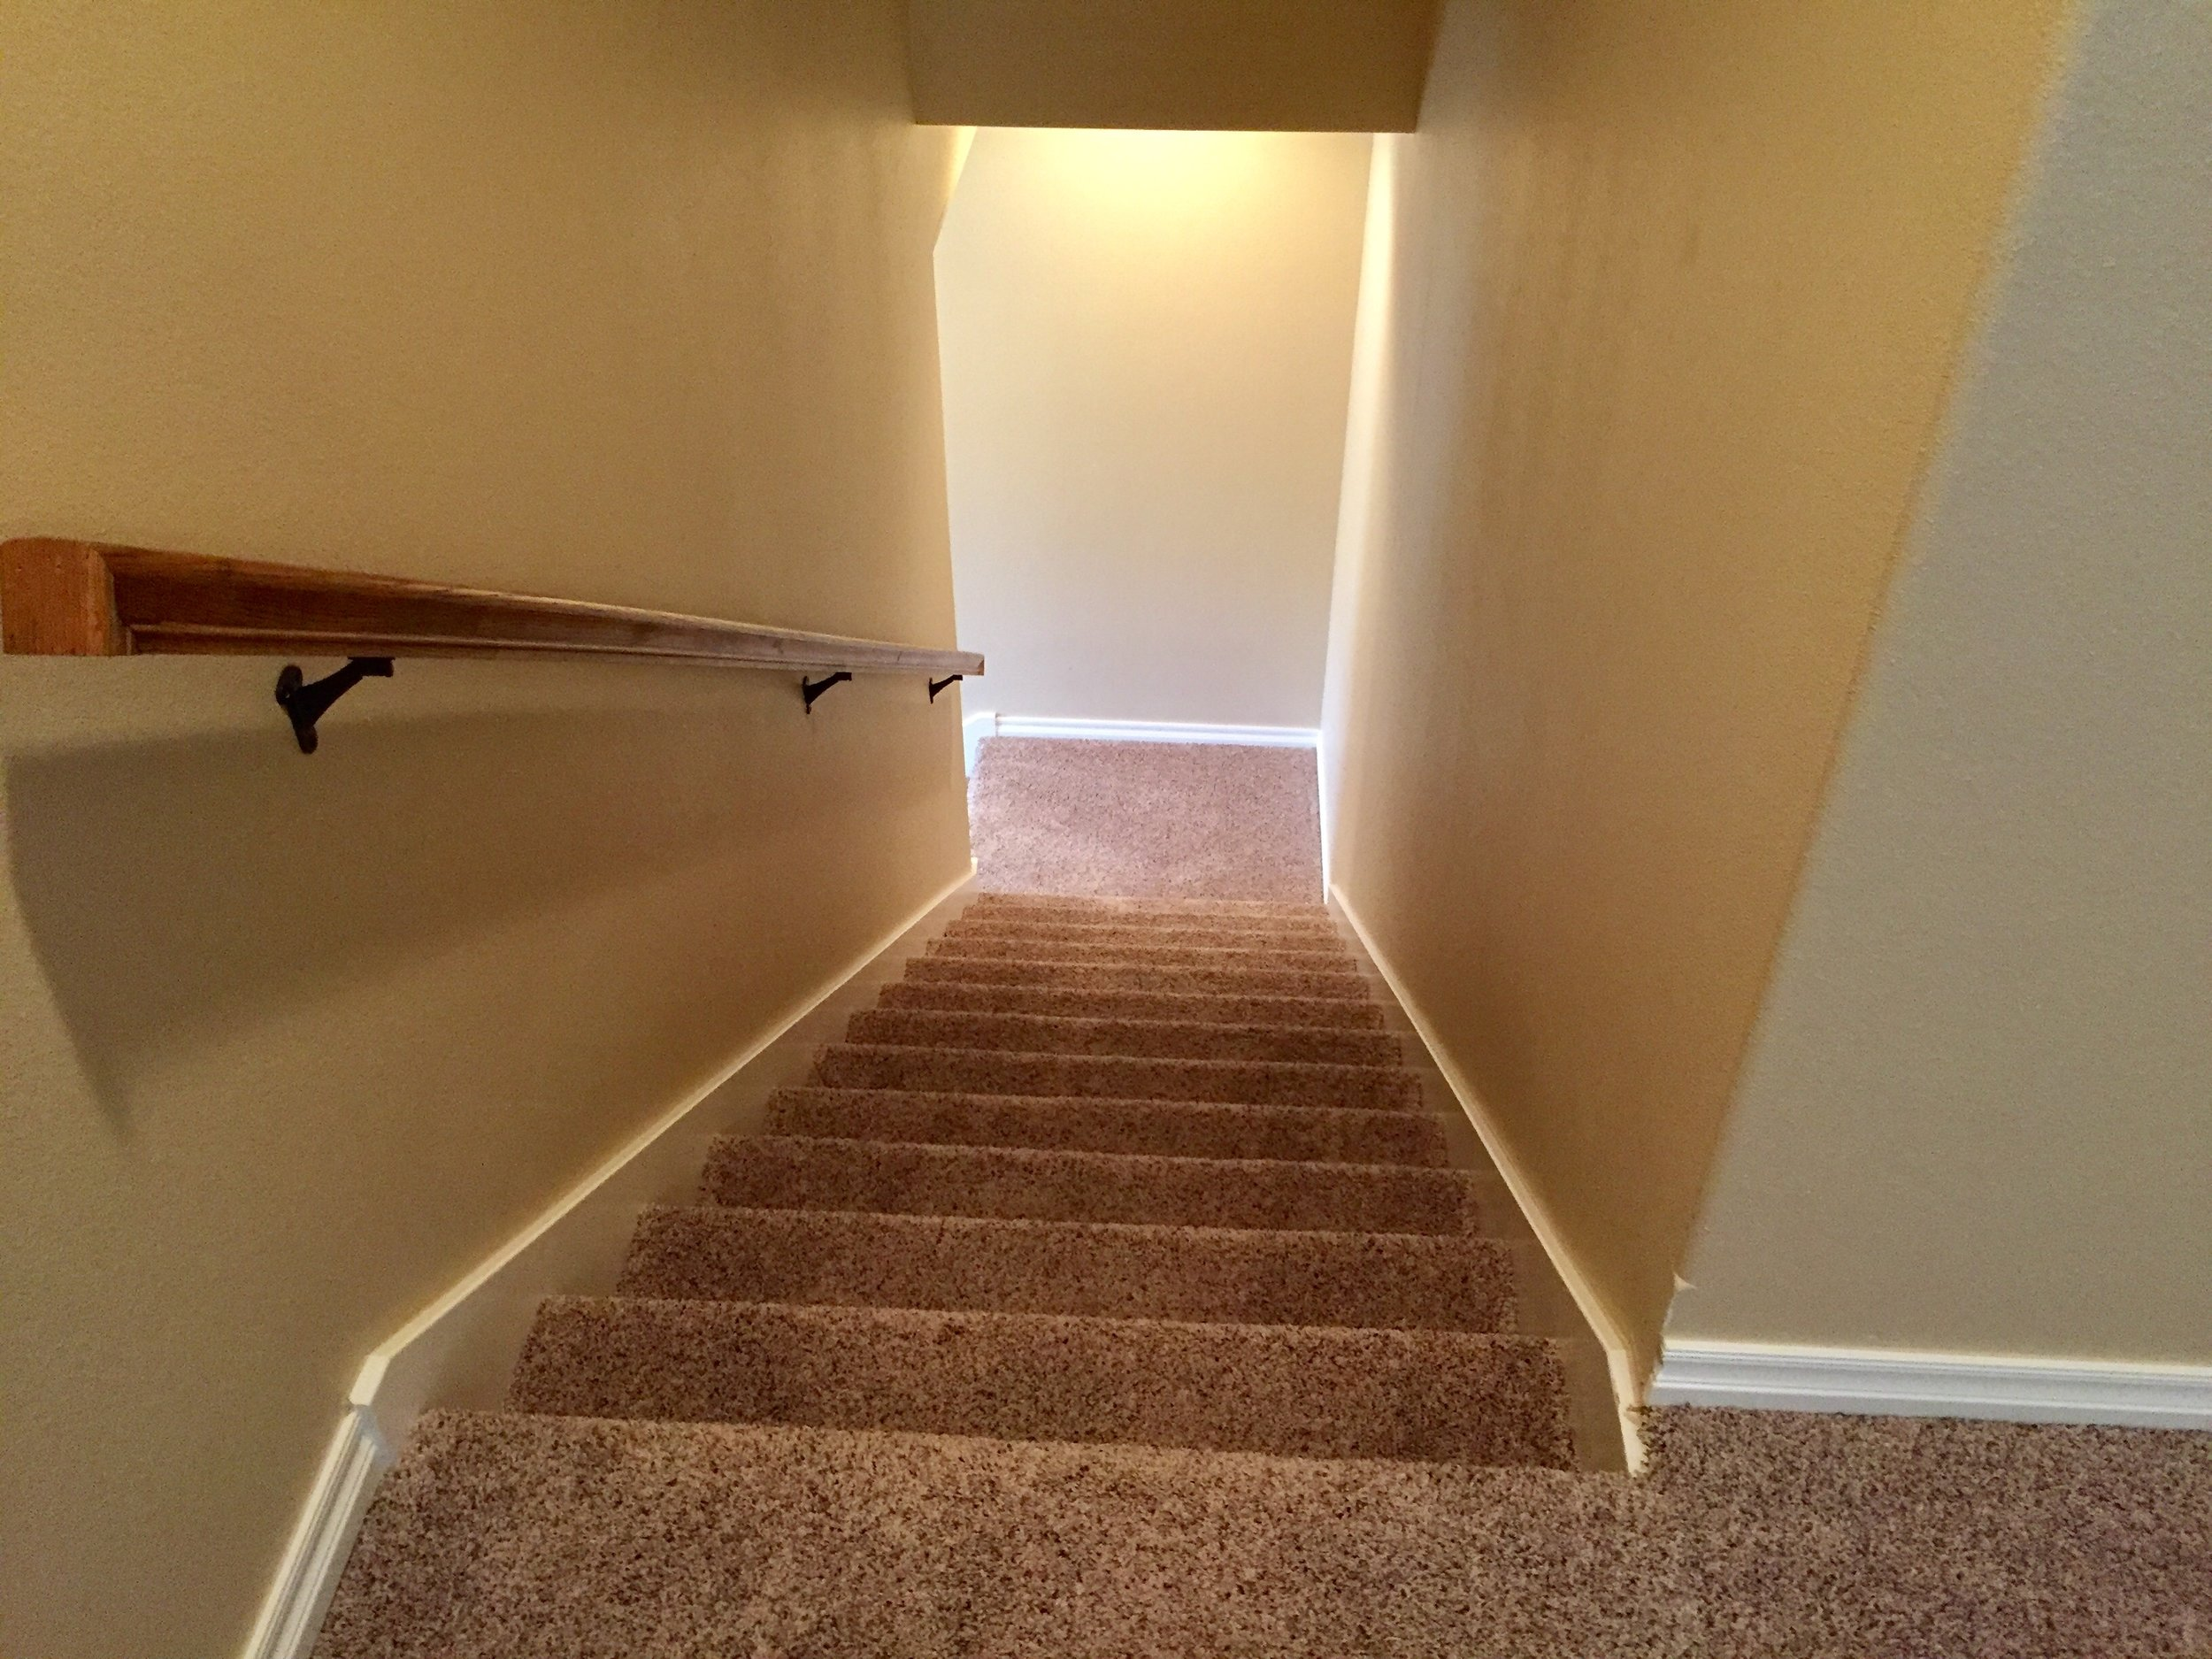 stair looking down